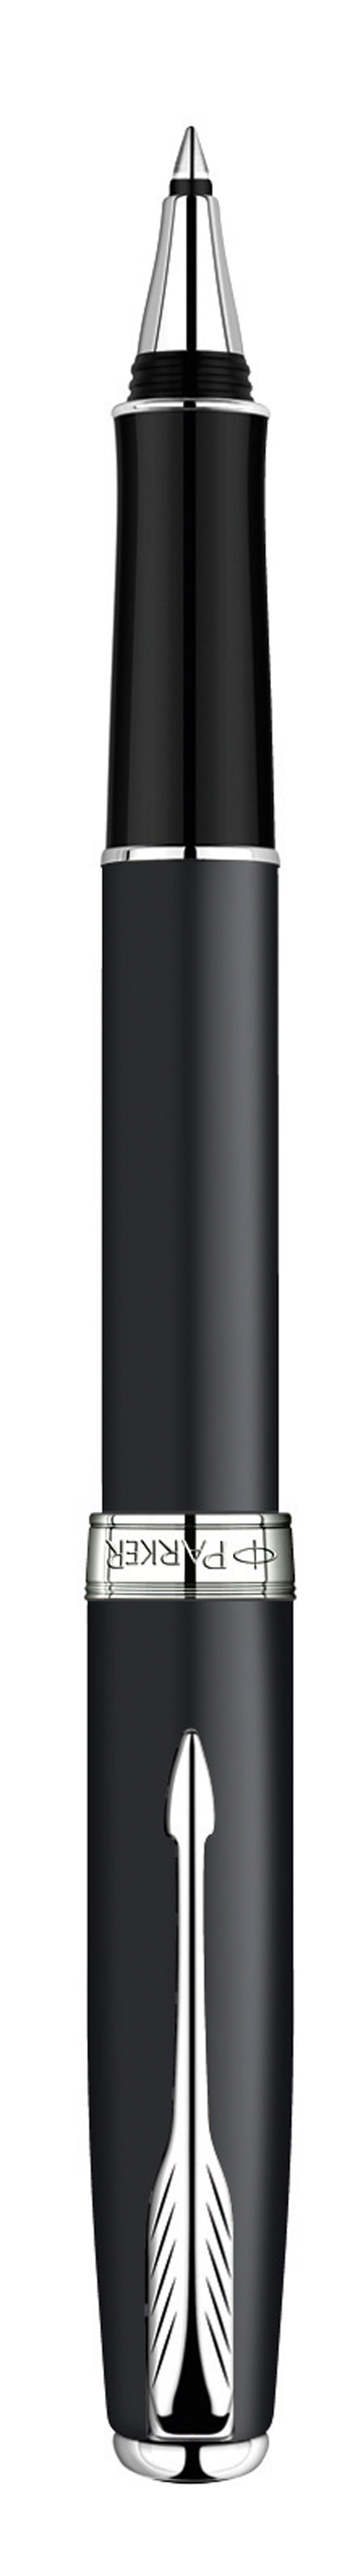 Роллер Sonnet Matte Black CT. PARKER-S0818110FS-00103Ручка-роллер Паркер Сонет Матт Блэк Лак Си Ти. Инструмент для письма, линия письма - тонкая, цвет чернил черный, в подарочной упаковке. Произведено во Франции.